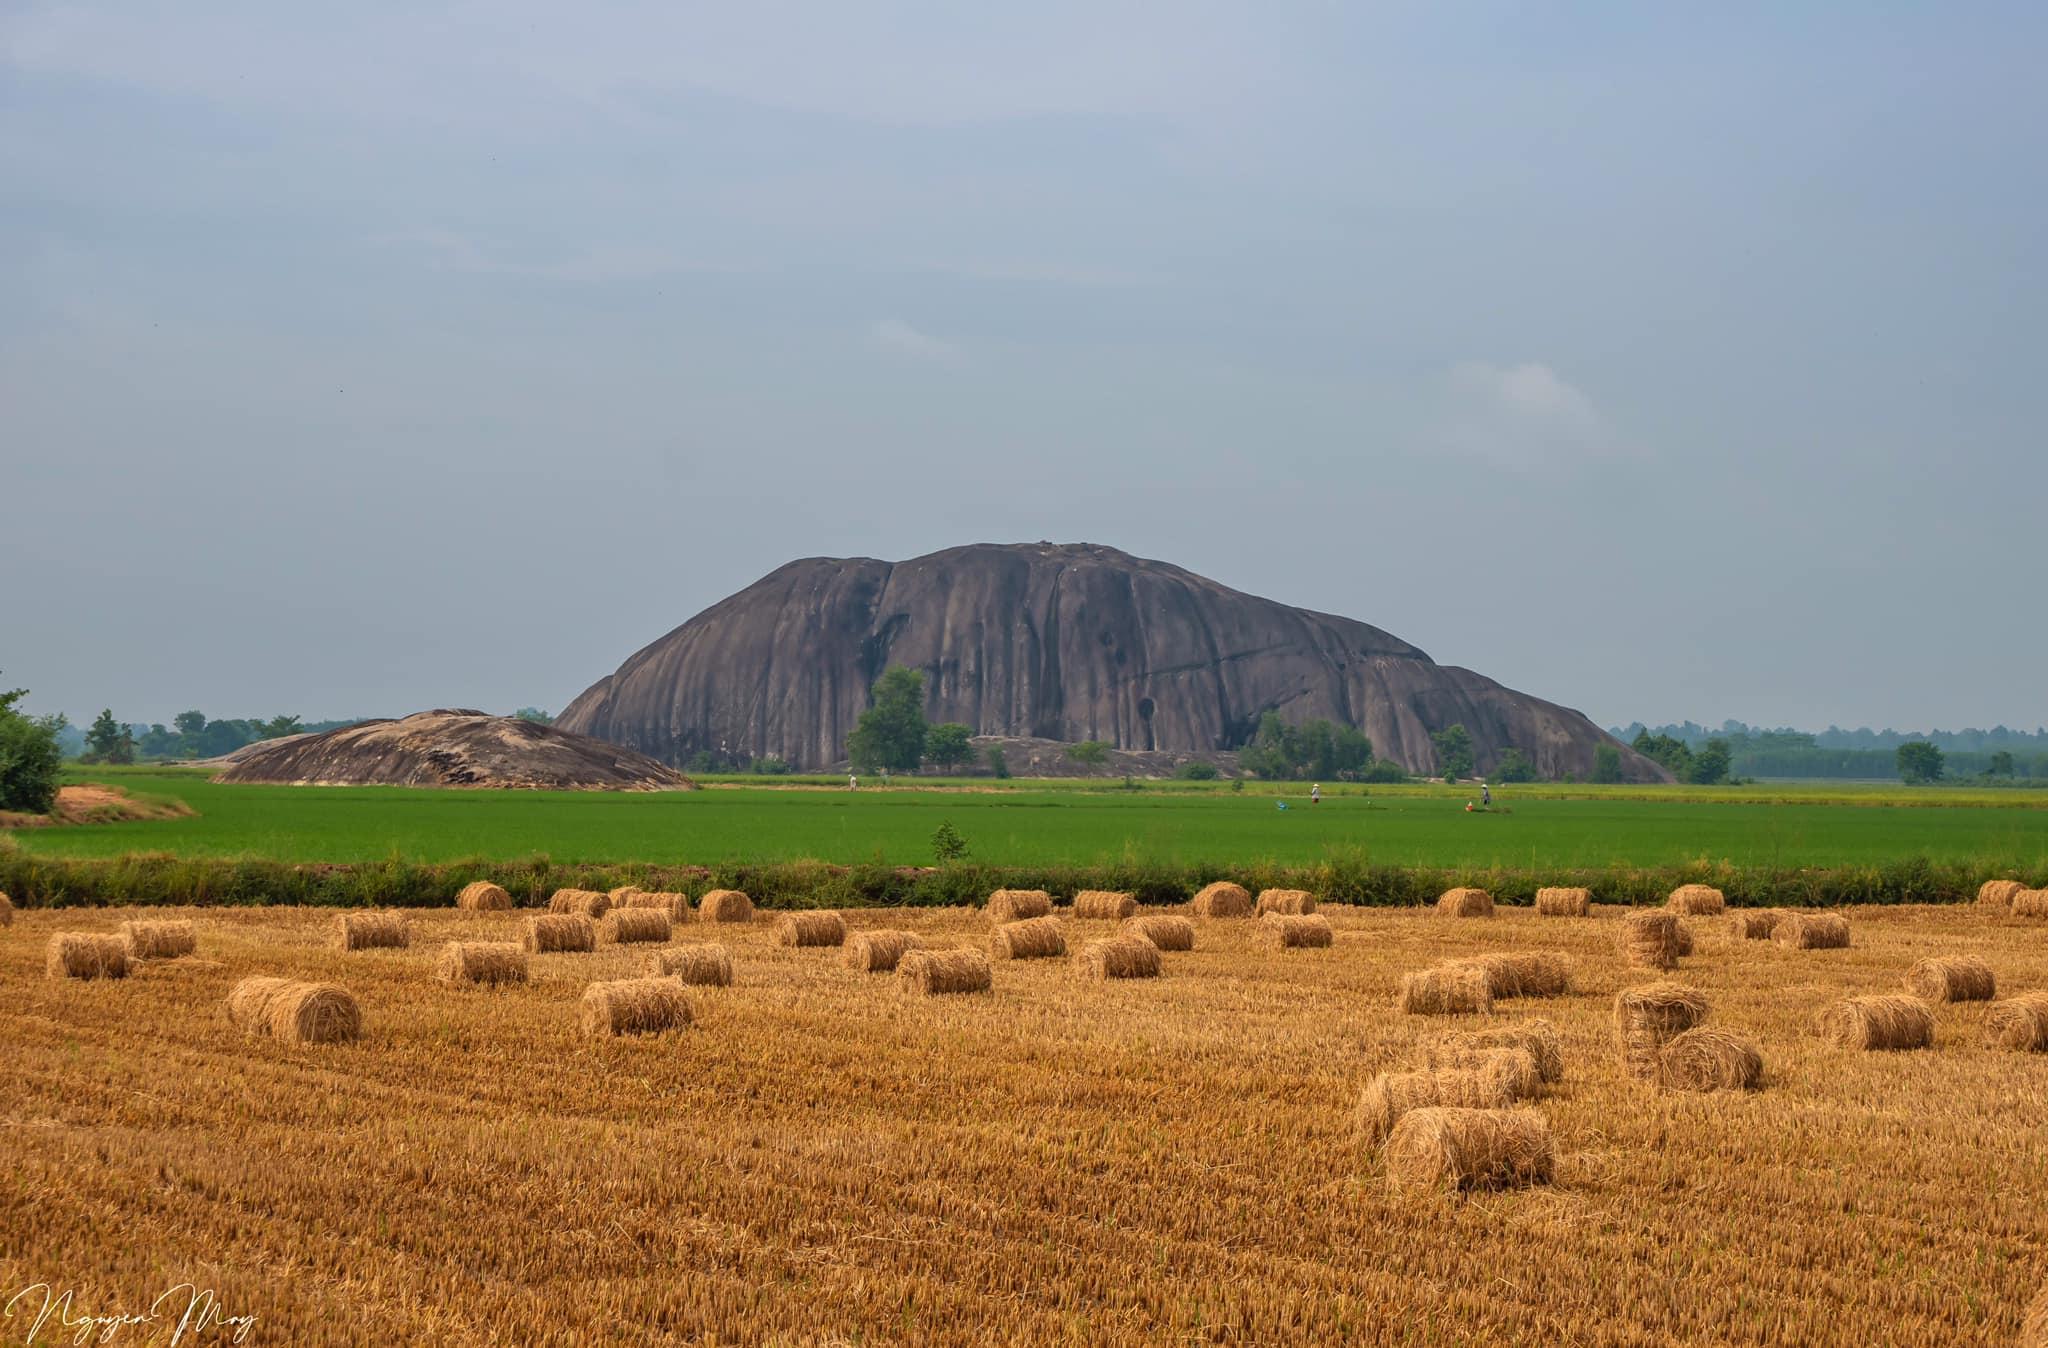 Khám phá đá Chữ Thập, địa điểm dã ngoại lí tưởng quanh khu vực Sài Gòn - Ảnh 3.